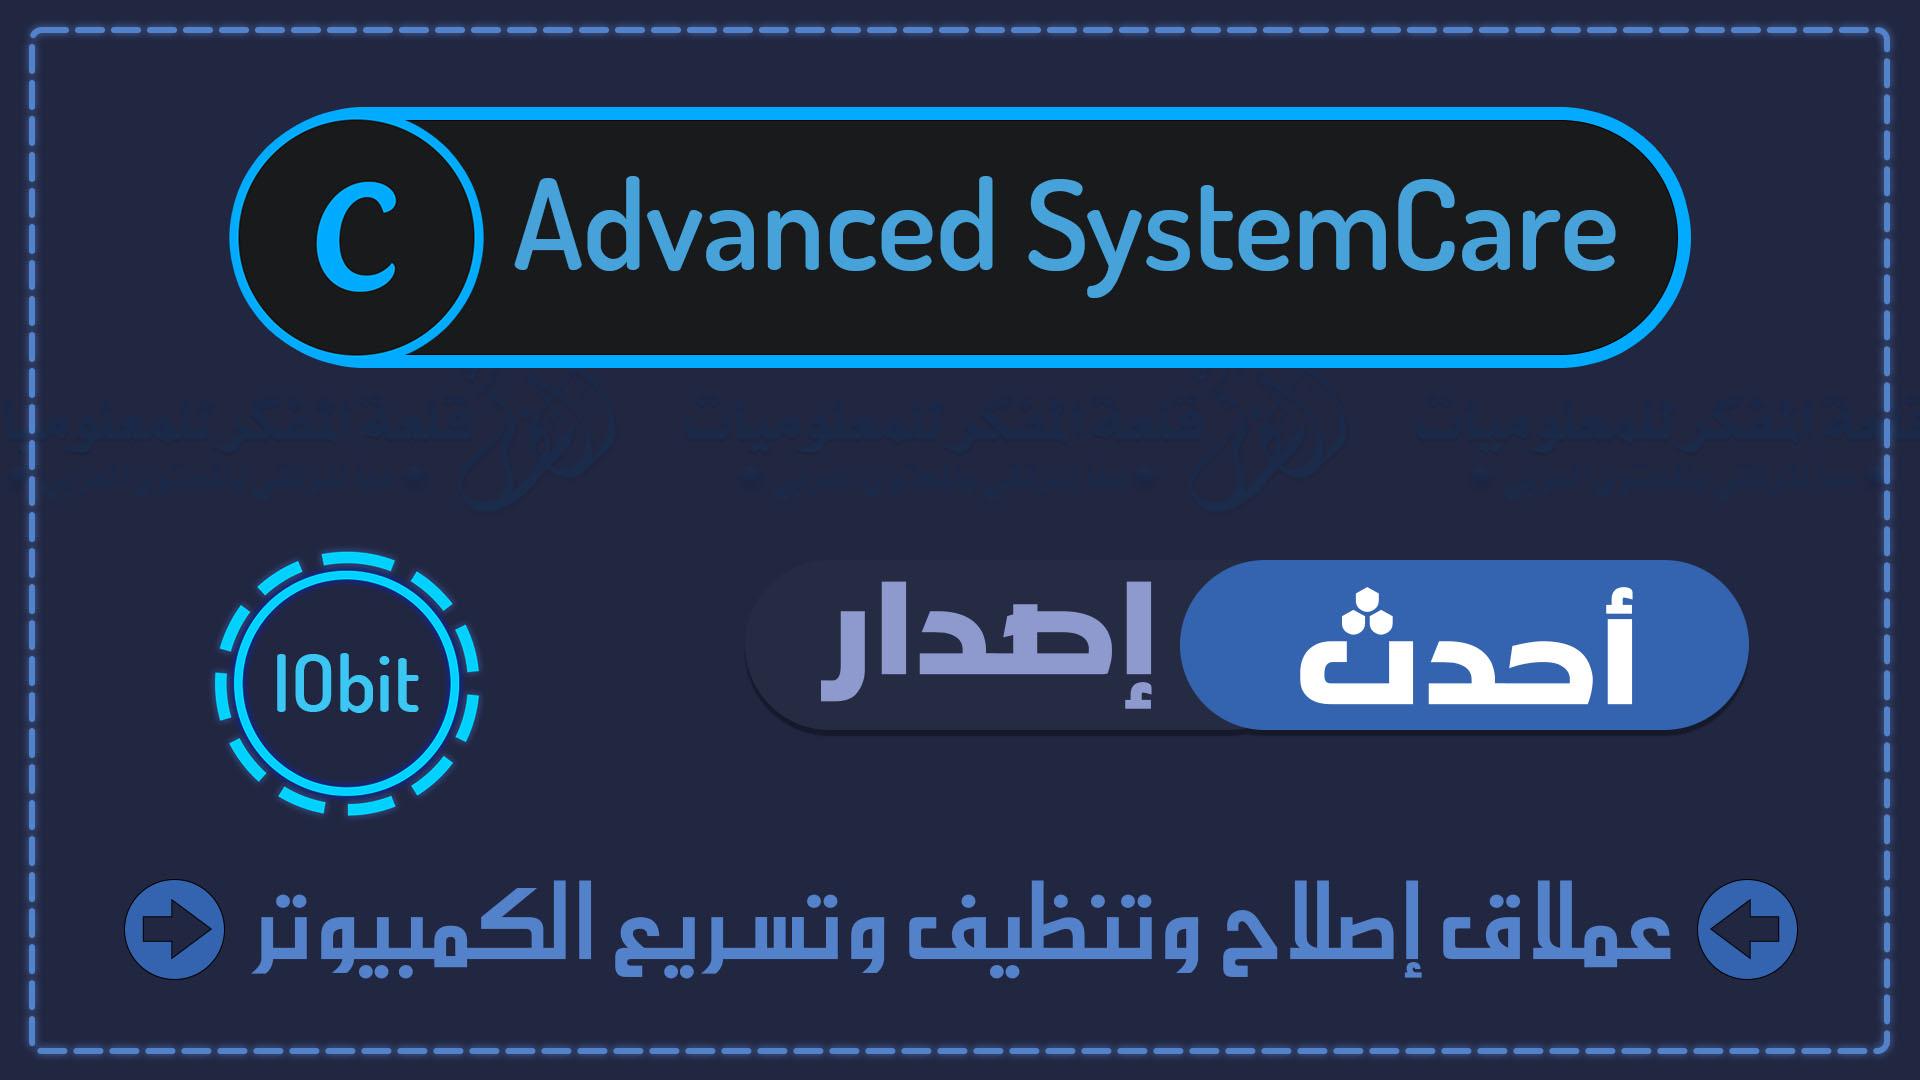 كيفية تحميل برنامج Advanced SystemCare أحدث إصدار كامل للكمبيوتر من الموقع الرسمي